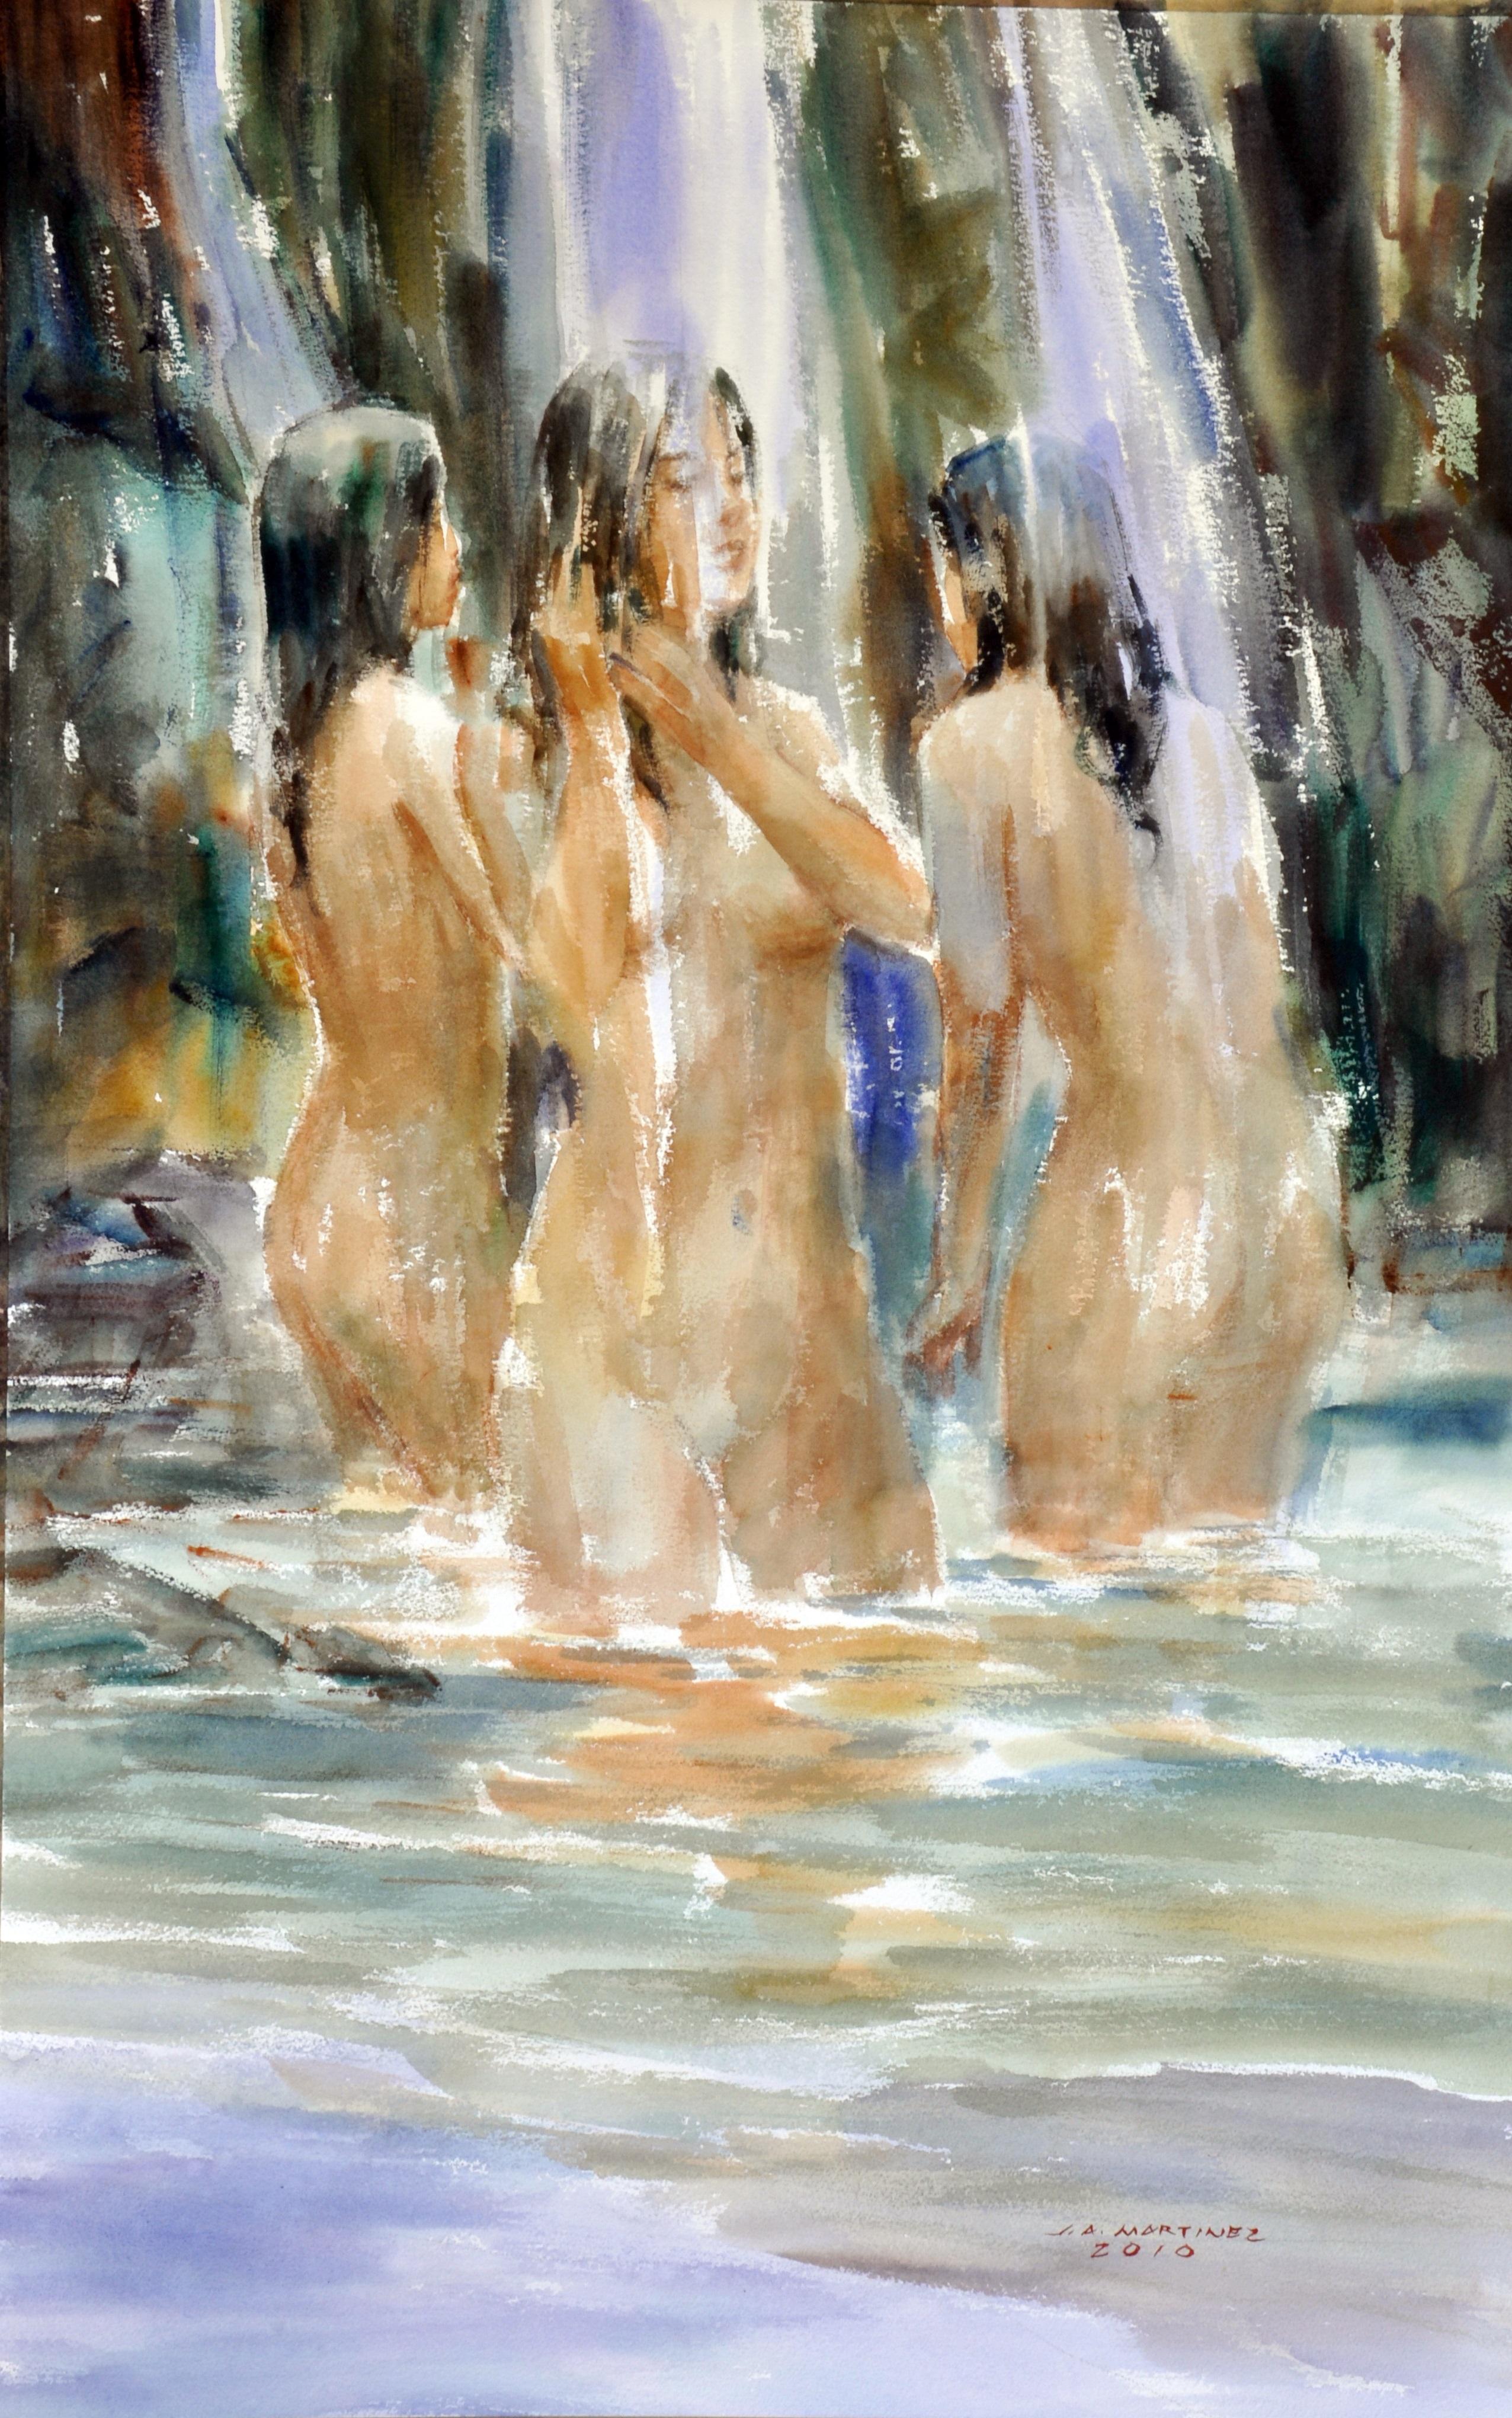 Bathers,  artist Jun Martinez, watercolor, Top Ten Artist Philippines, impressionist artist, Philippines